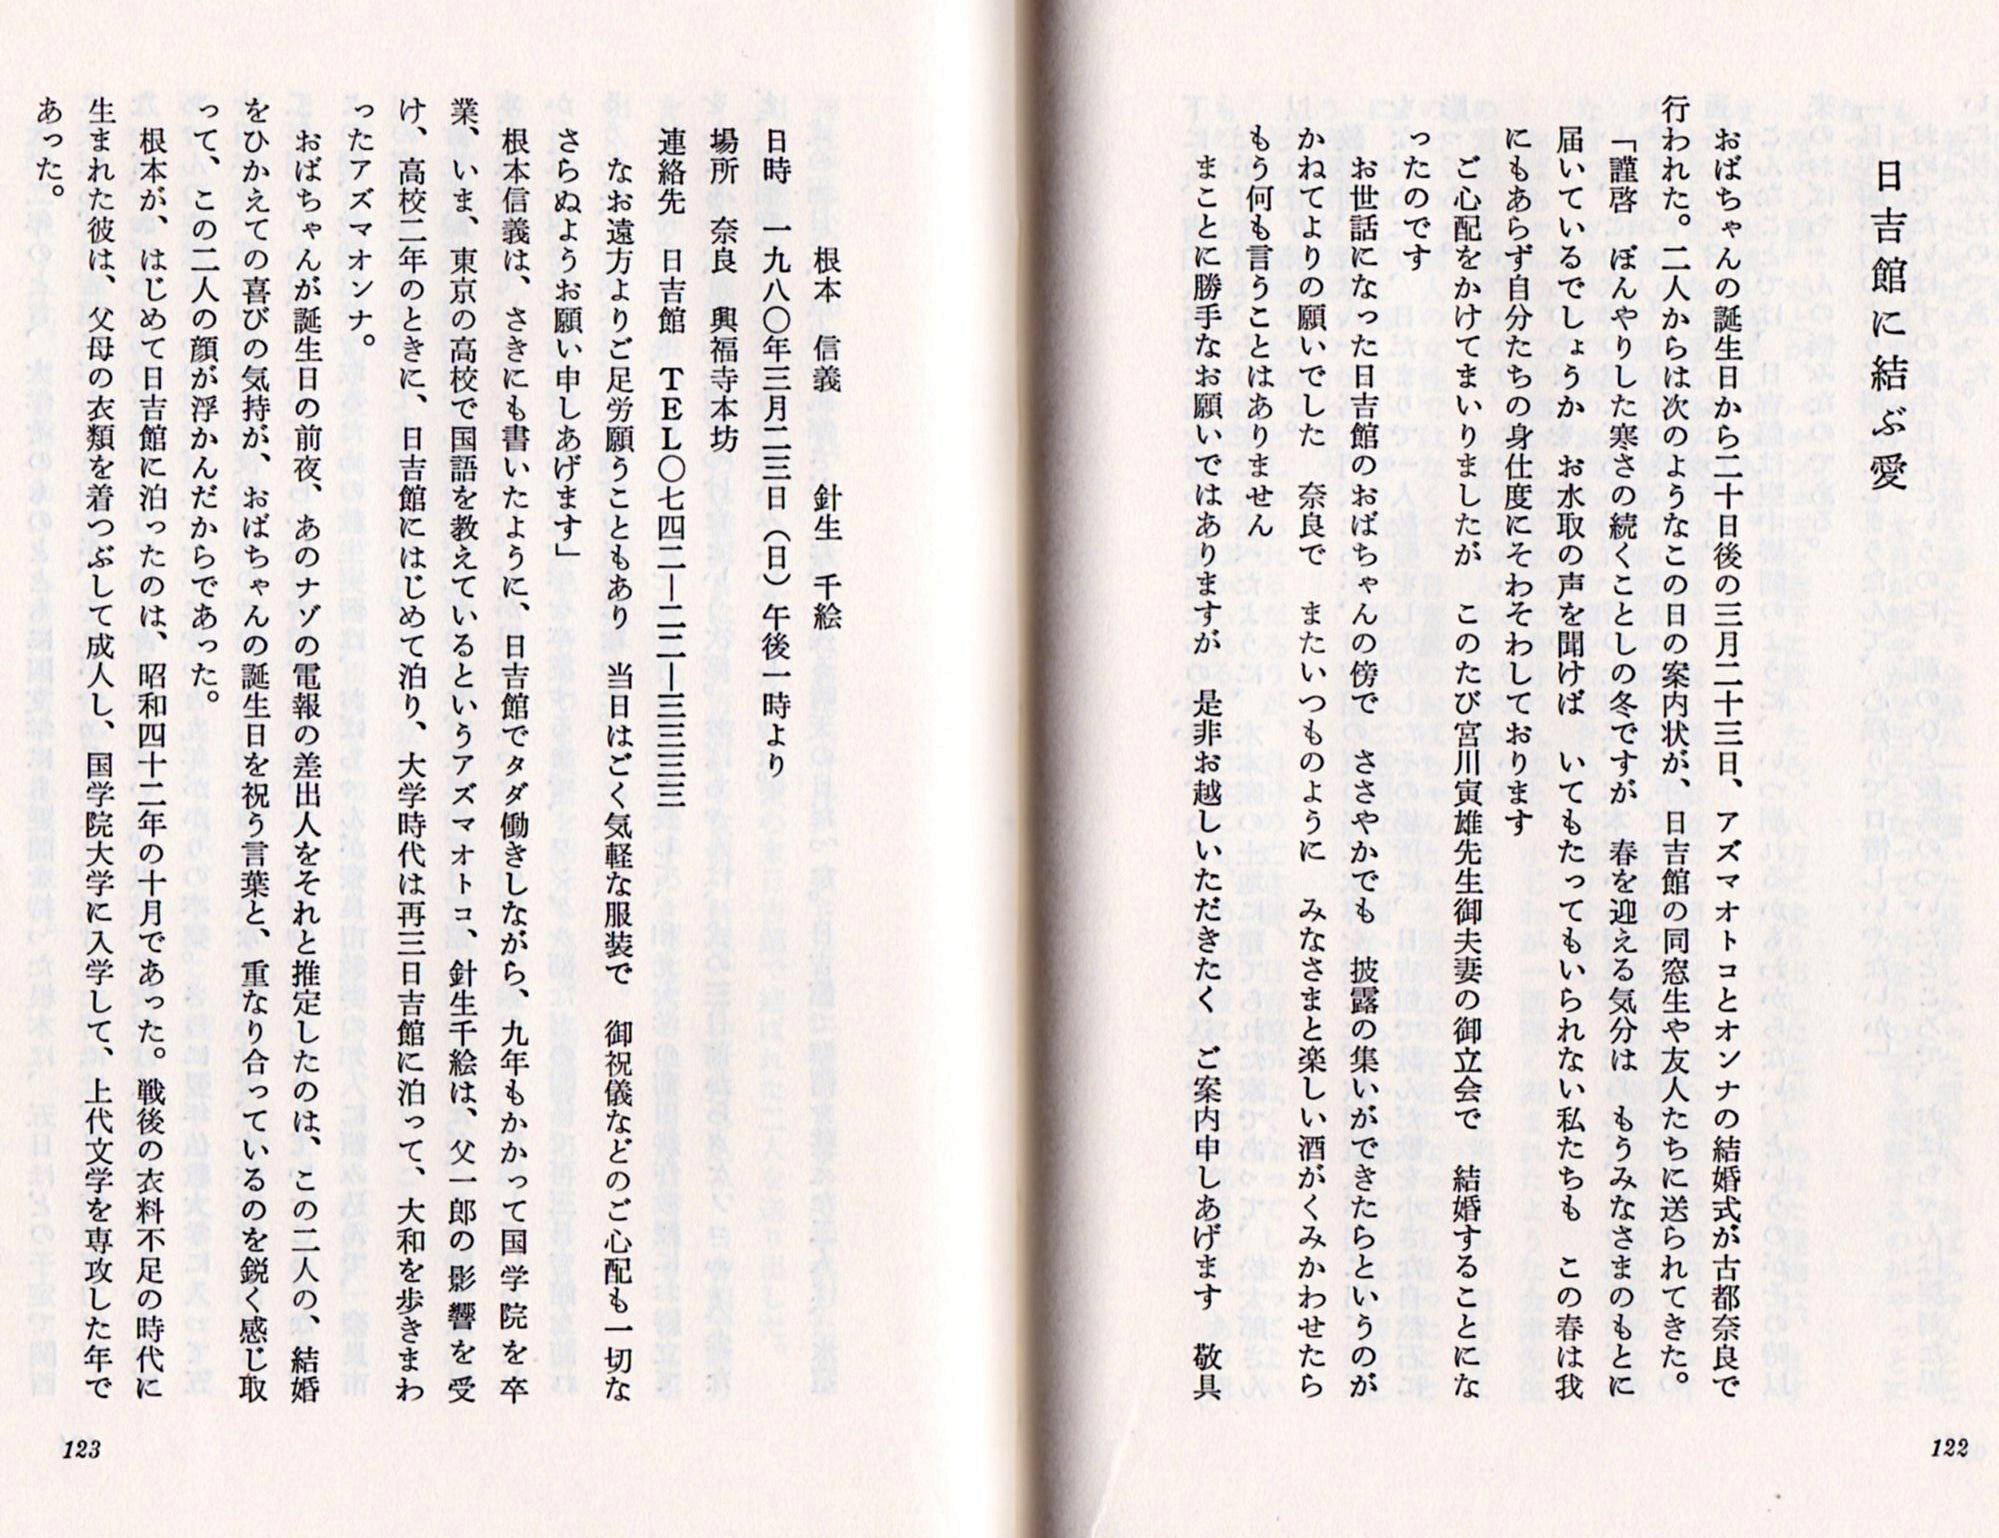 「奈良の宿・日吉館」に綴られている「日吉館に結ぶ愛」の章